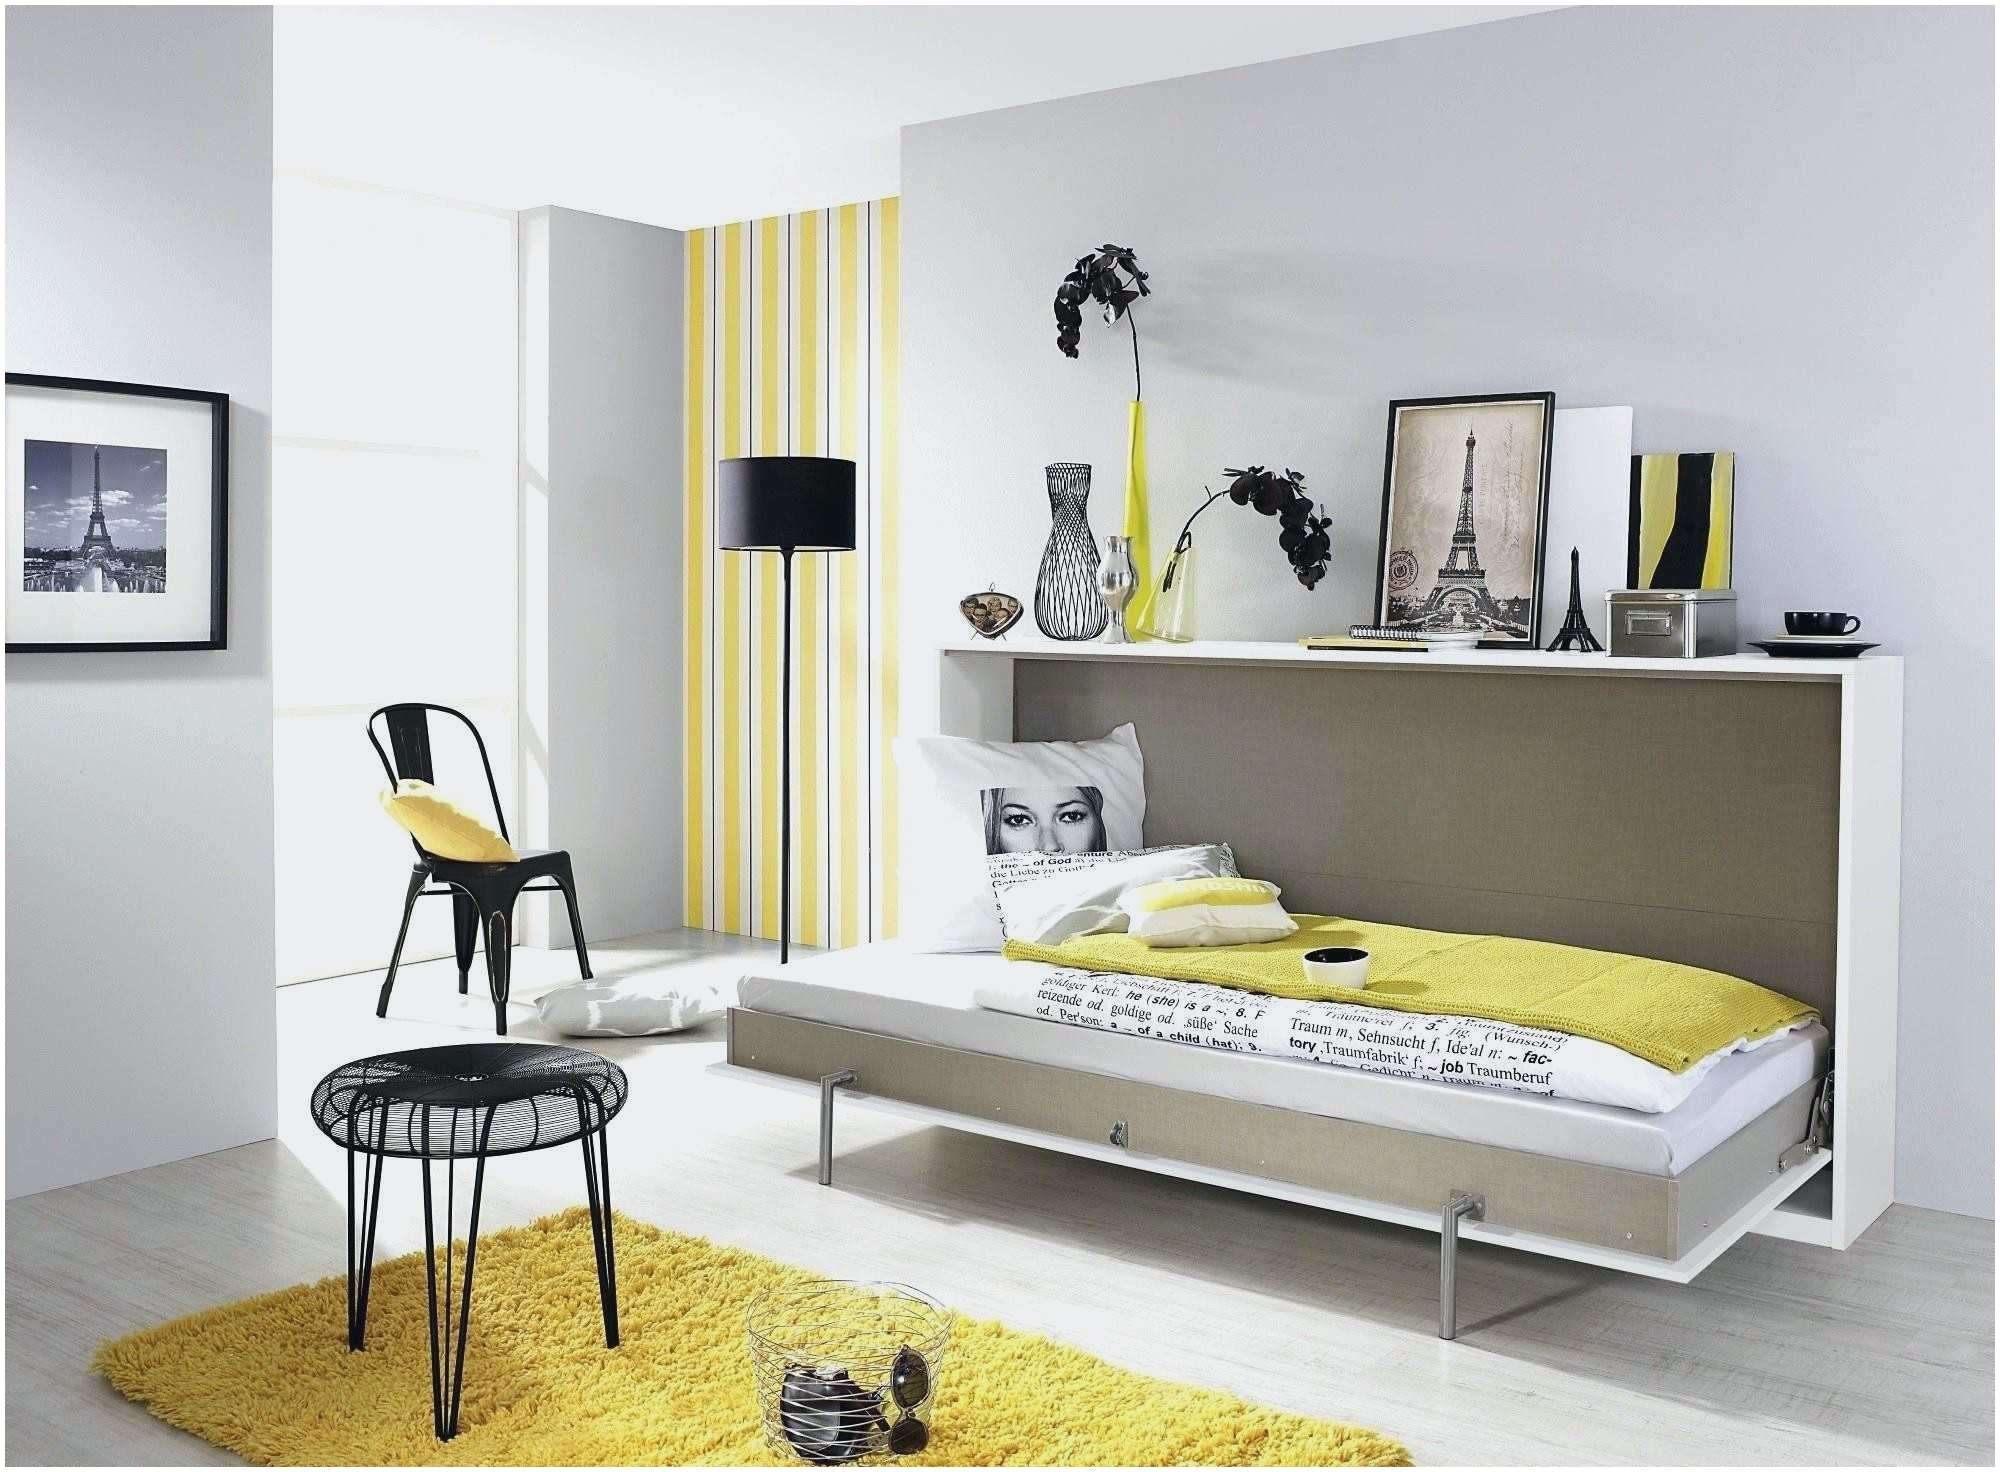 Lit Superposé 2 1 Nouveau Elégant 14 Unique Rideau Lit Superposé Pour Choix Rideau Chambre